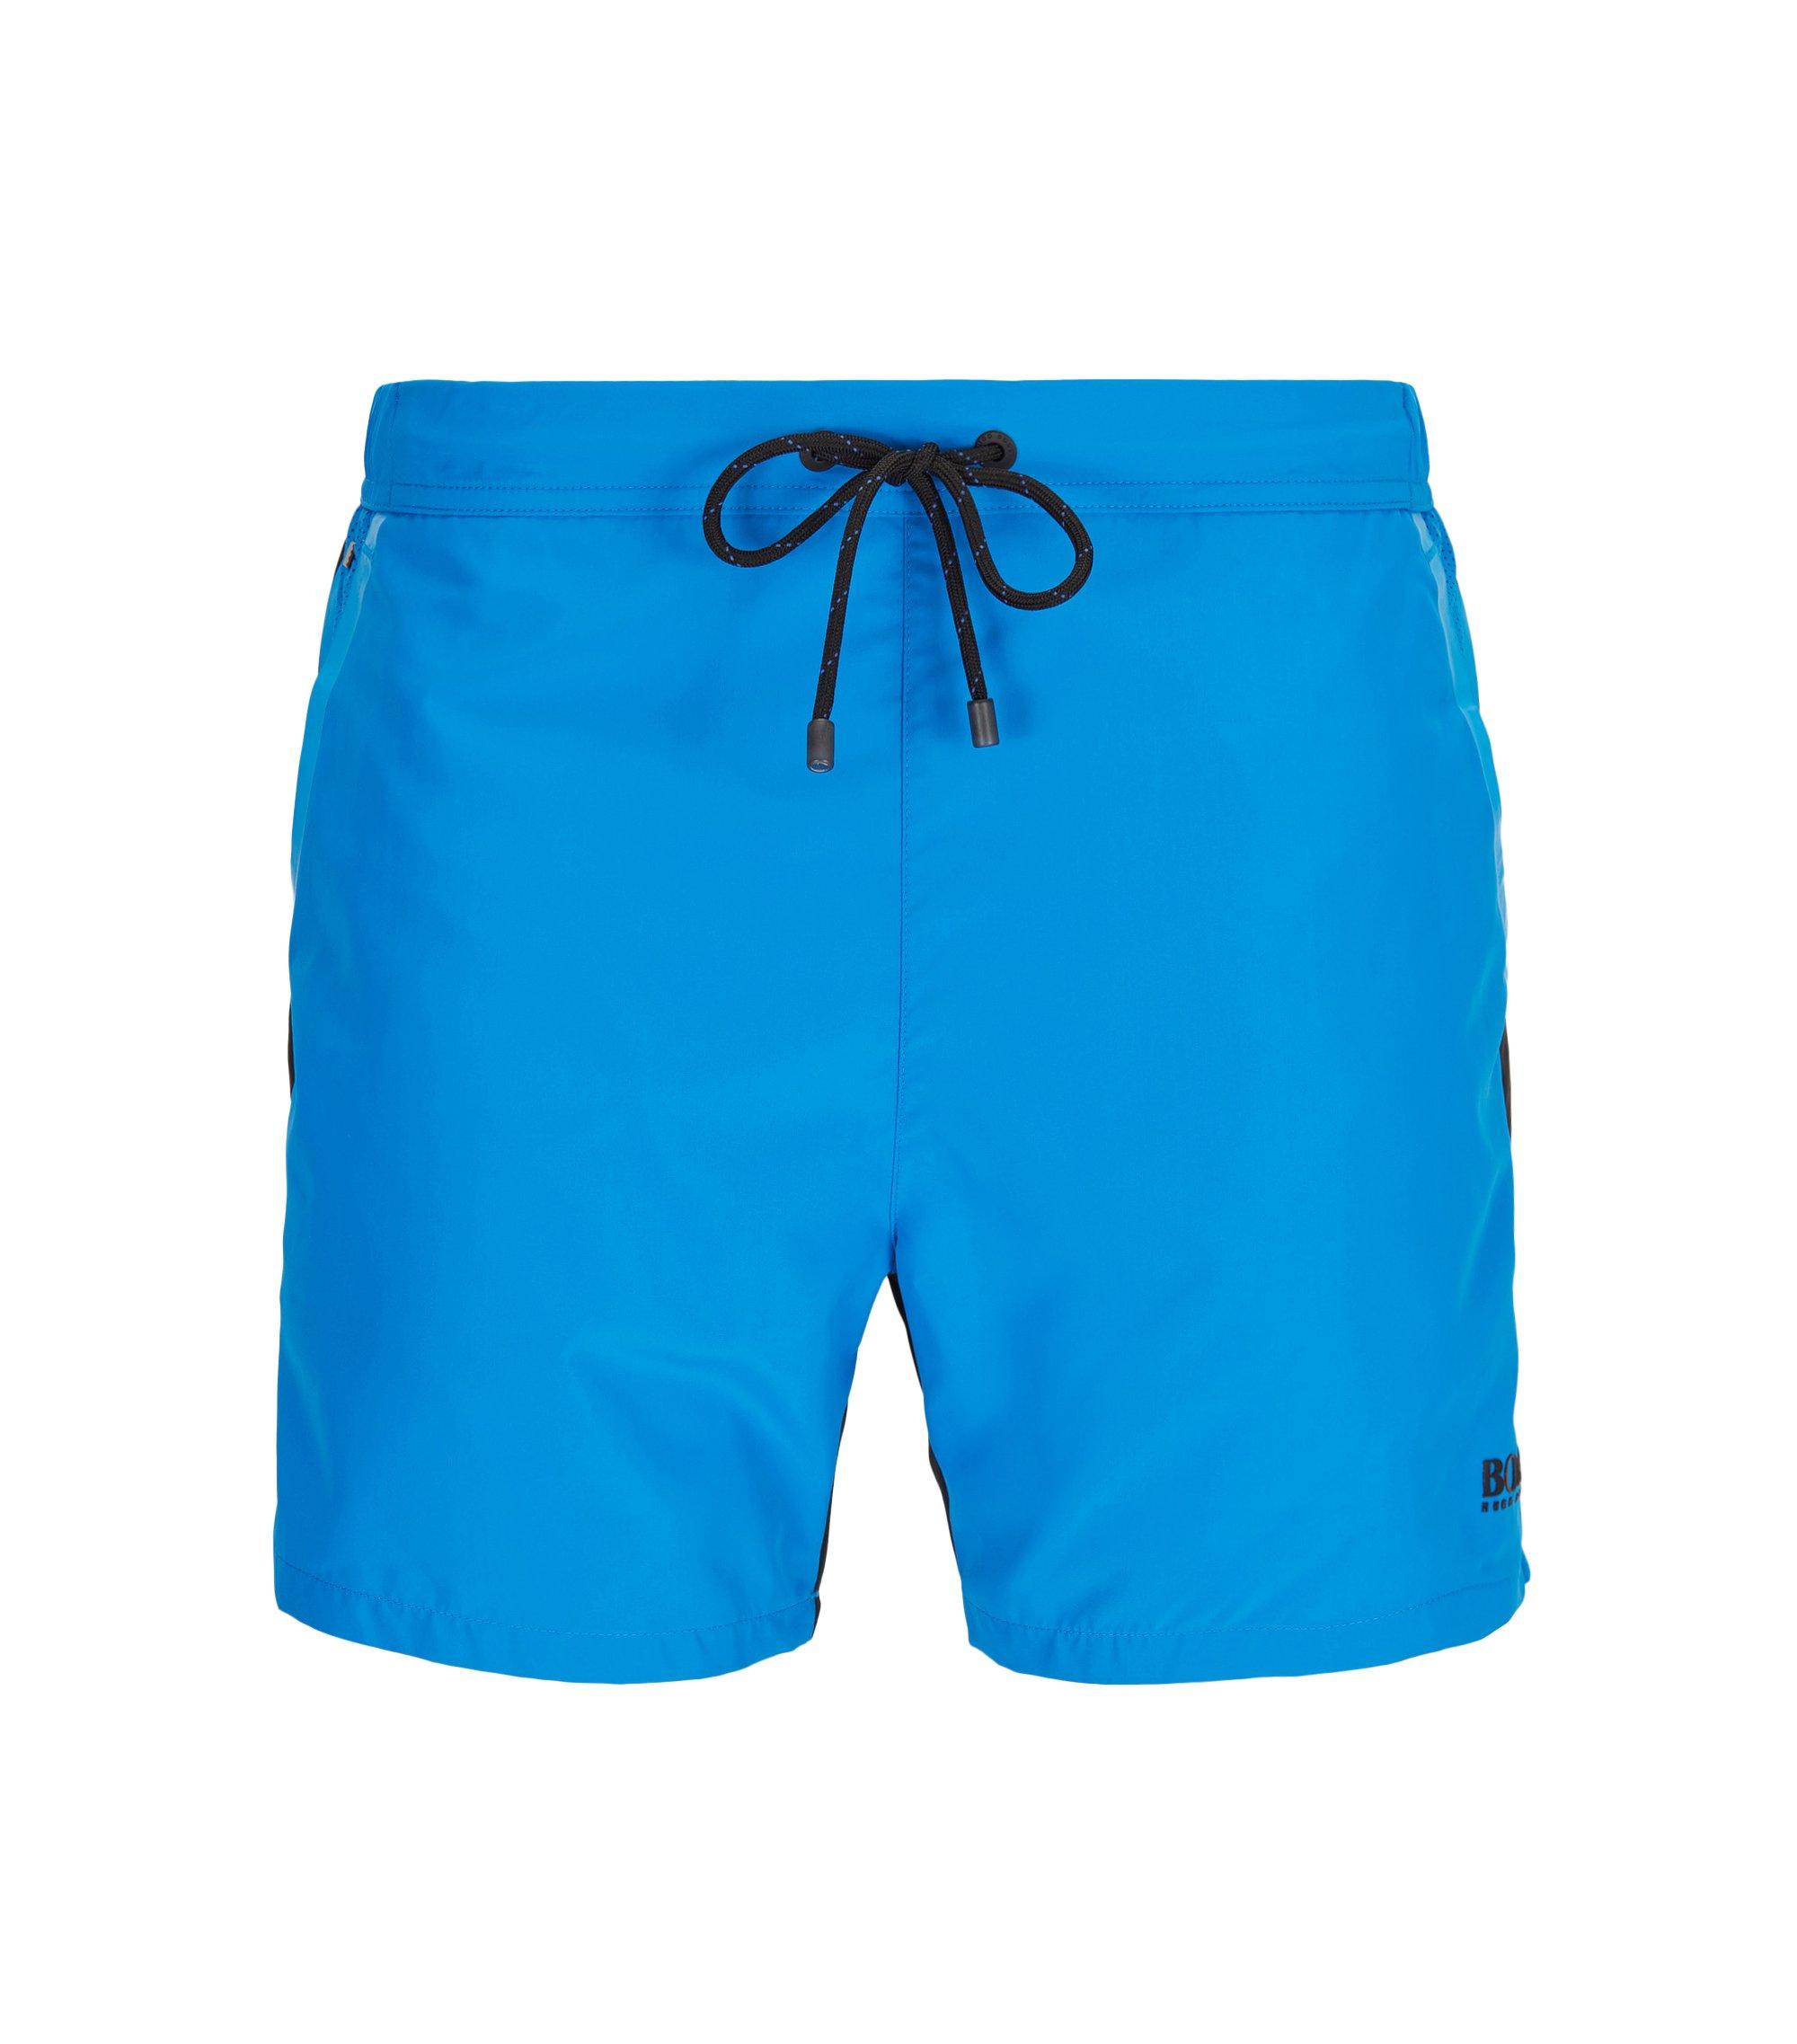 Short de bain mi-long avec taille semi-élastique, à séchage rapide., Turquoise